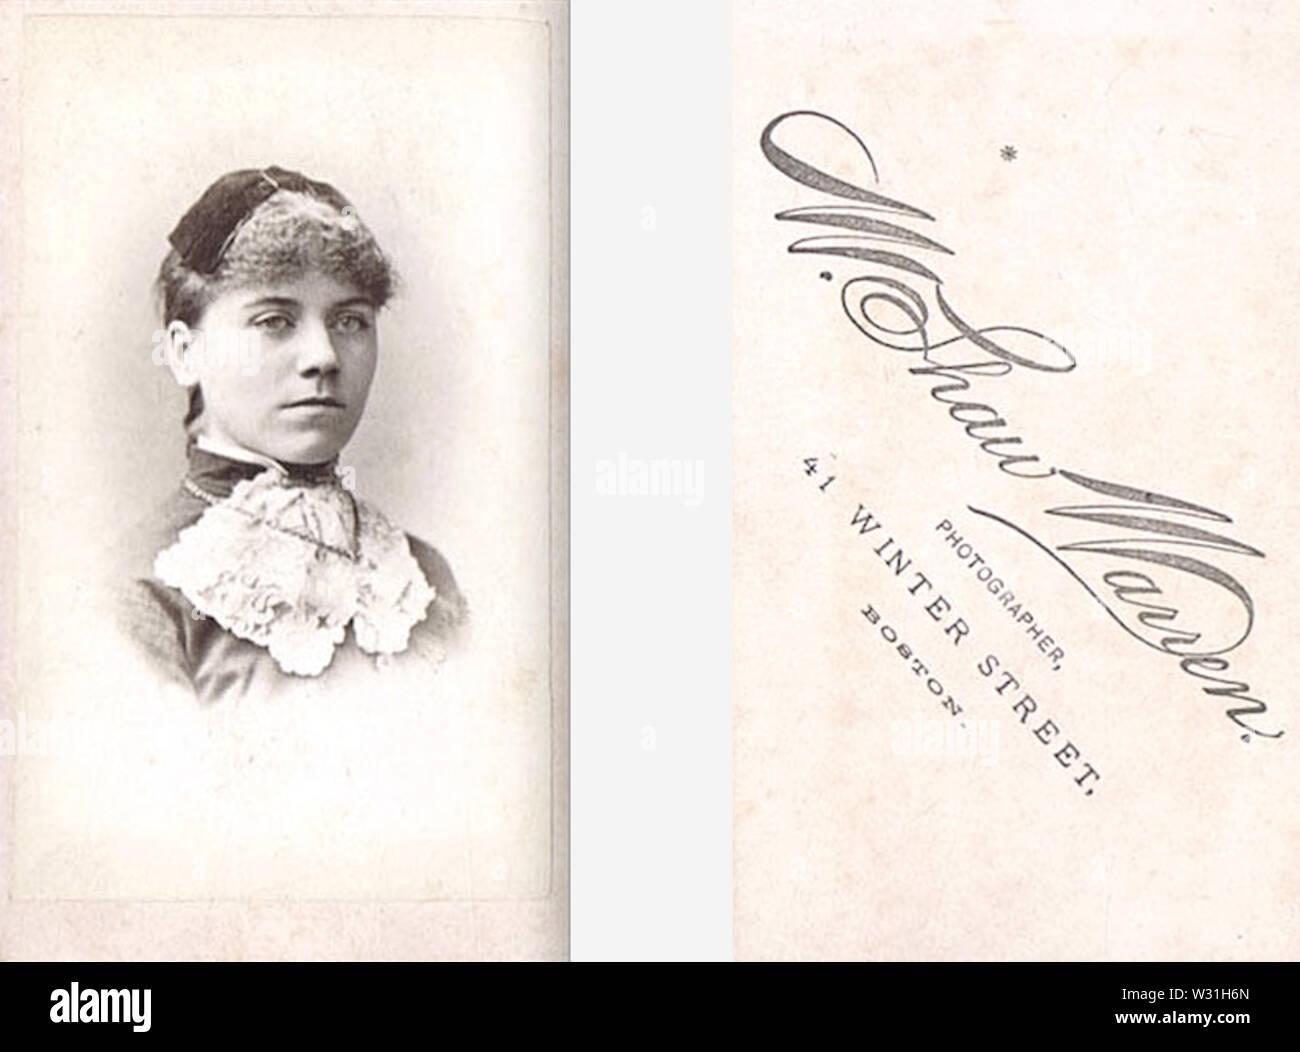 Portrait of woman by W Shaw Warren of 41 Winter Street in Boston USA - Stock Image